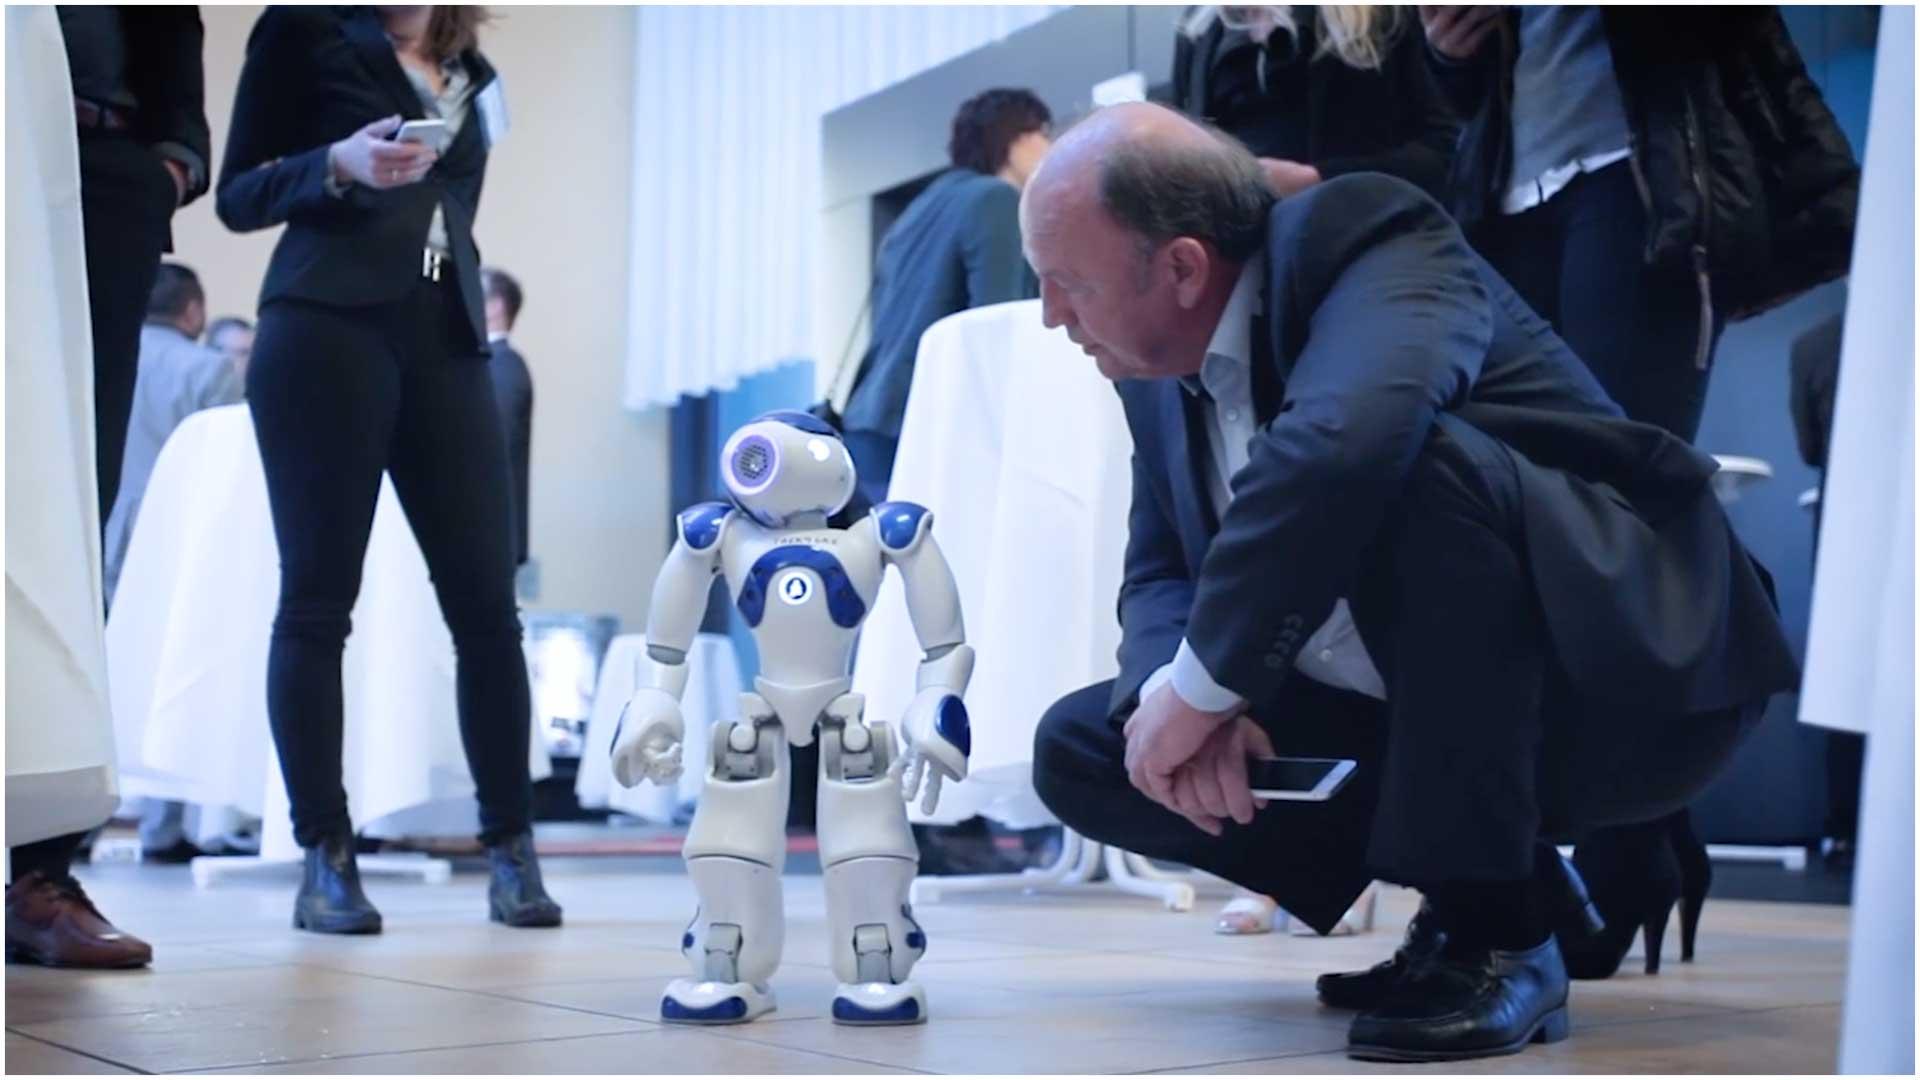 kambeckfilm_eventfilm2 Mann schaut sich Roboter an